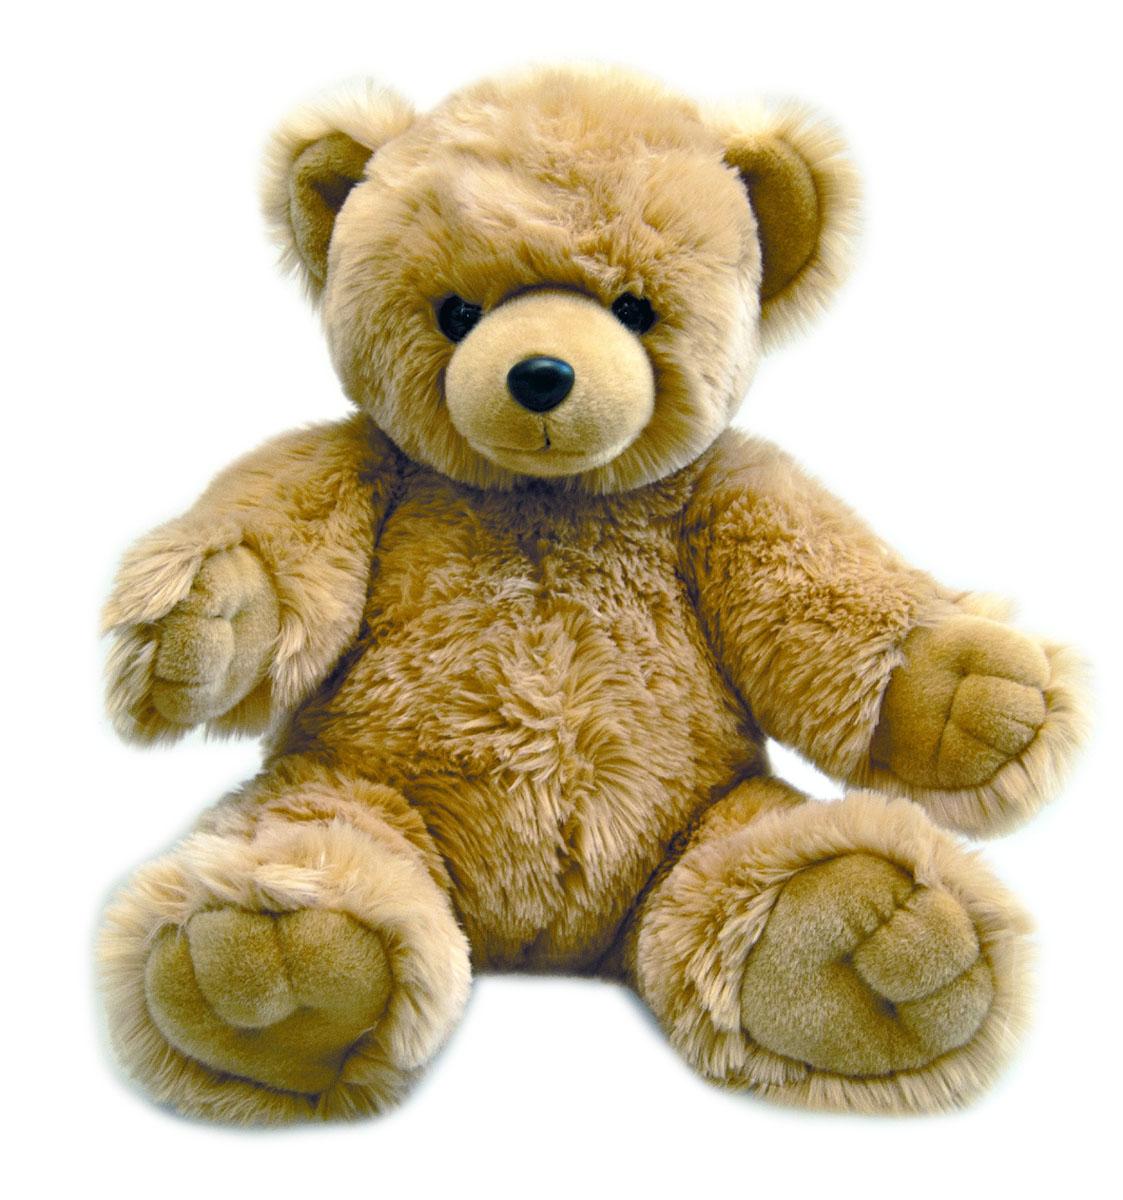 Мягкая игрушка Aurora Медведь. Обними меня, цвет: коричневый, 48 см цена